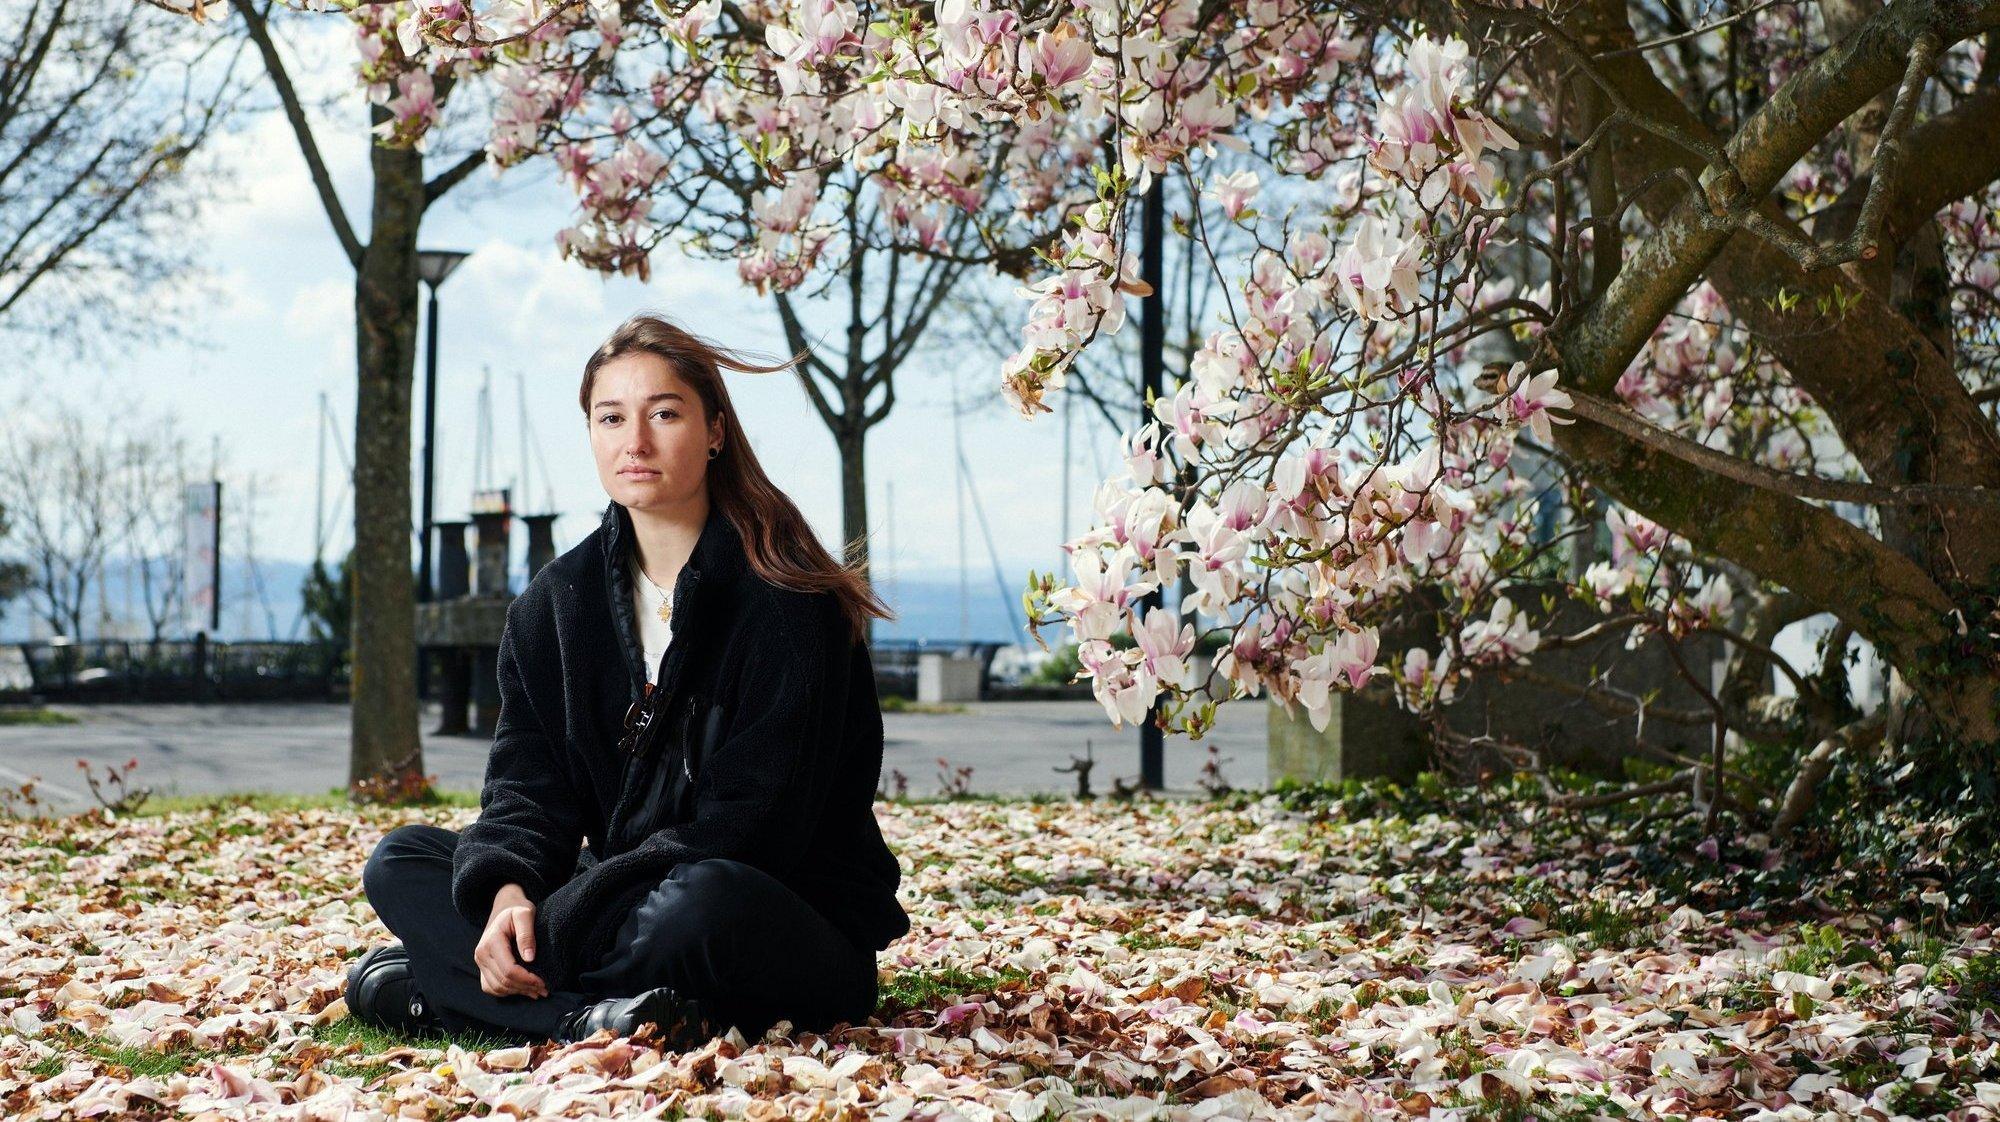 Neuchâtel: victimes d'agressions sexuelles, elles témoignent